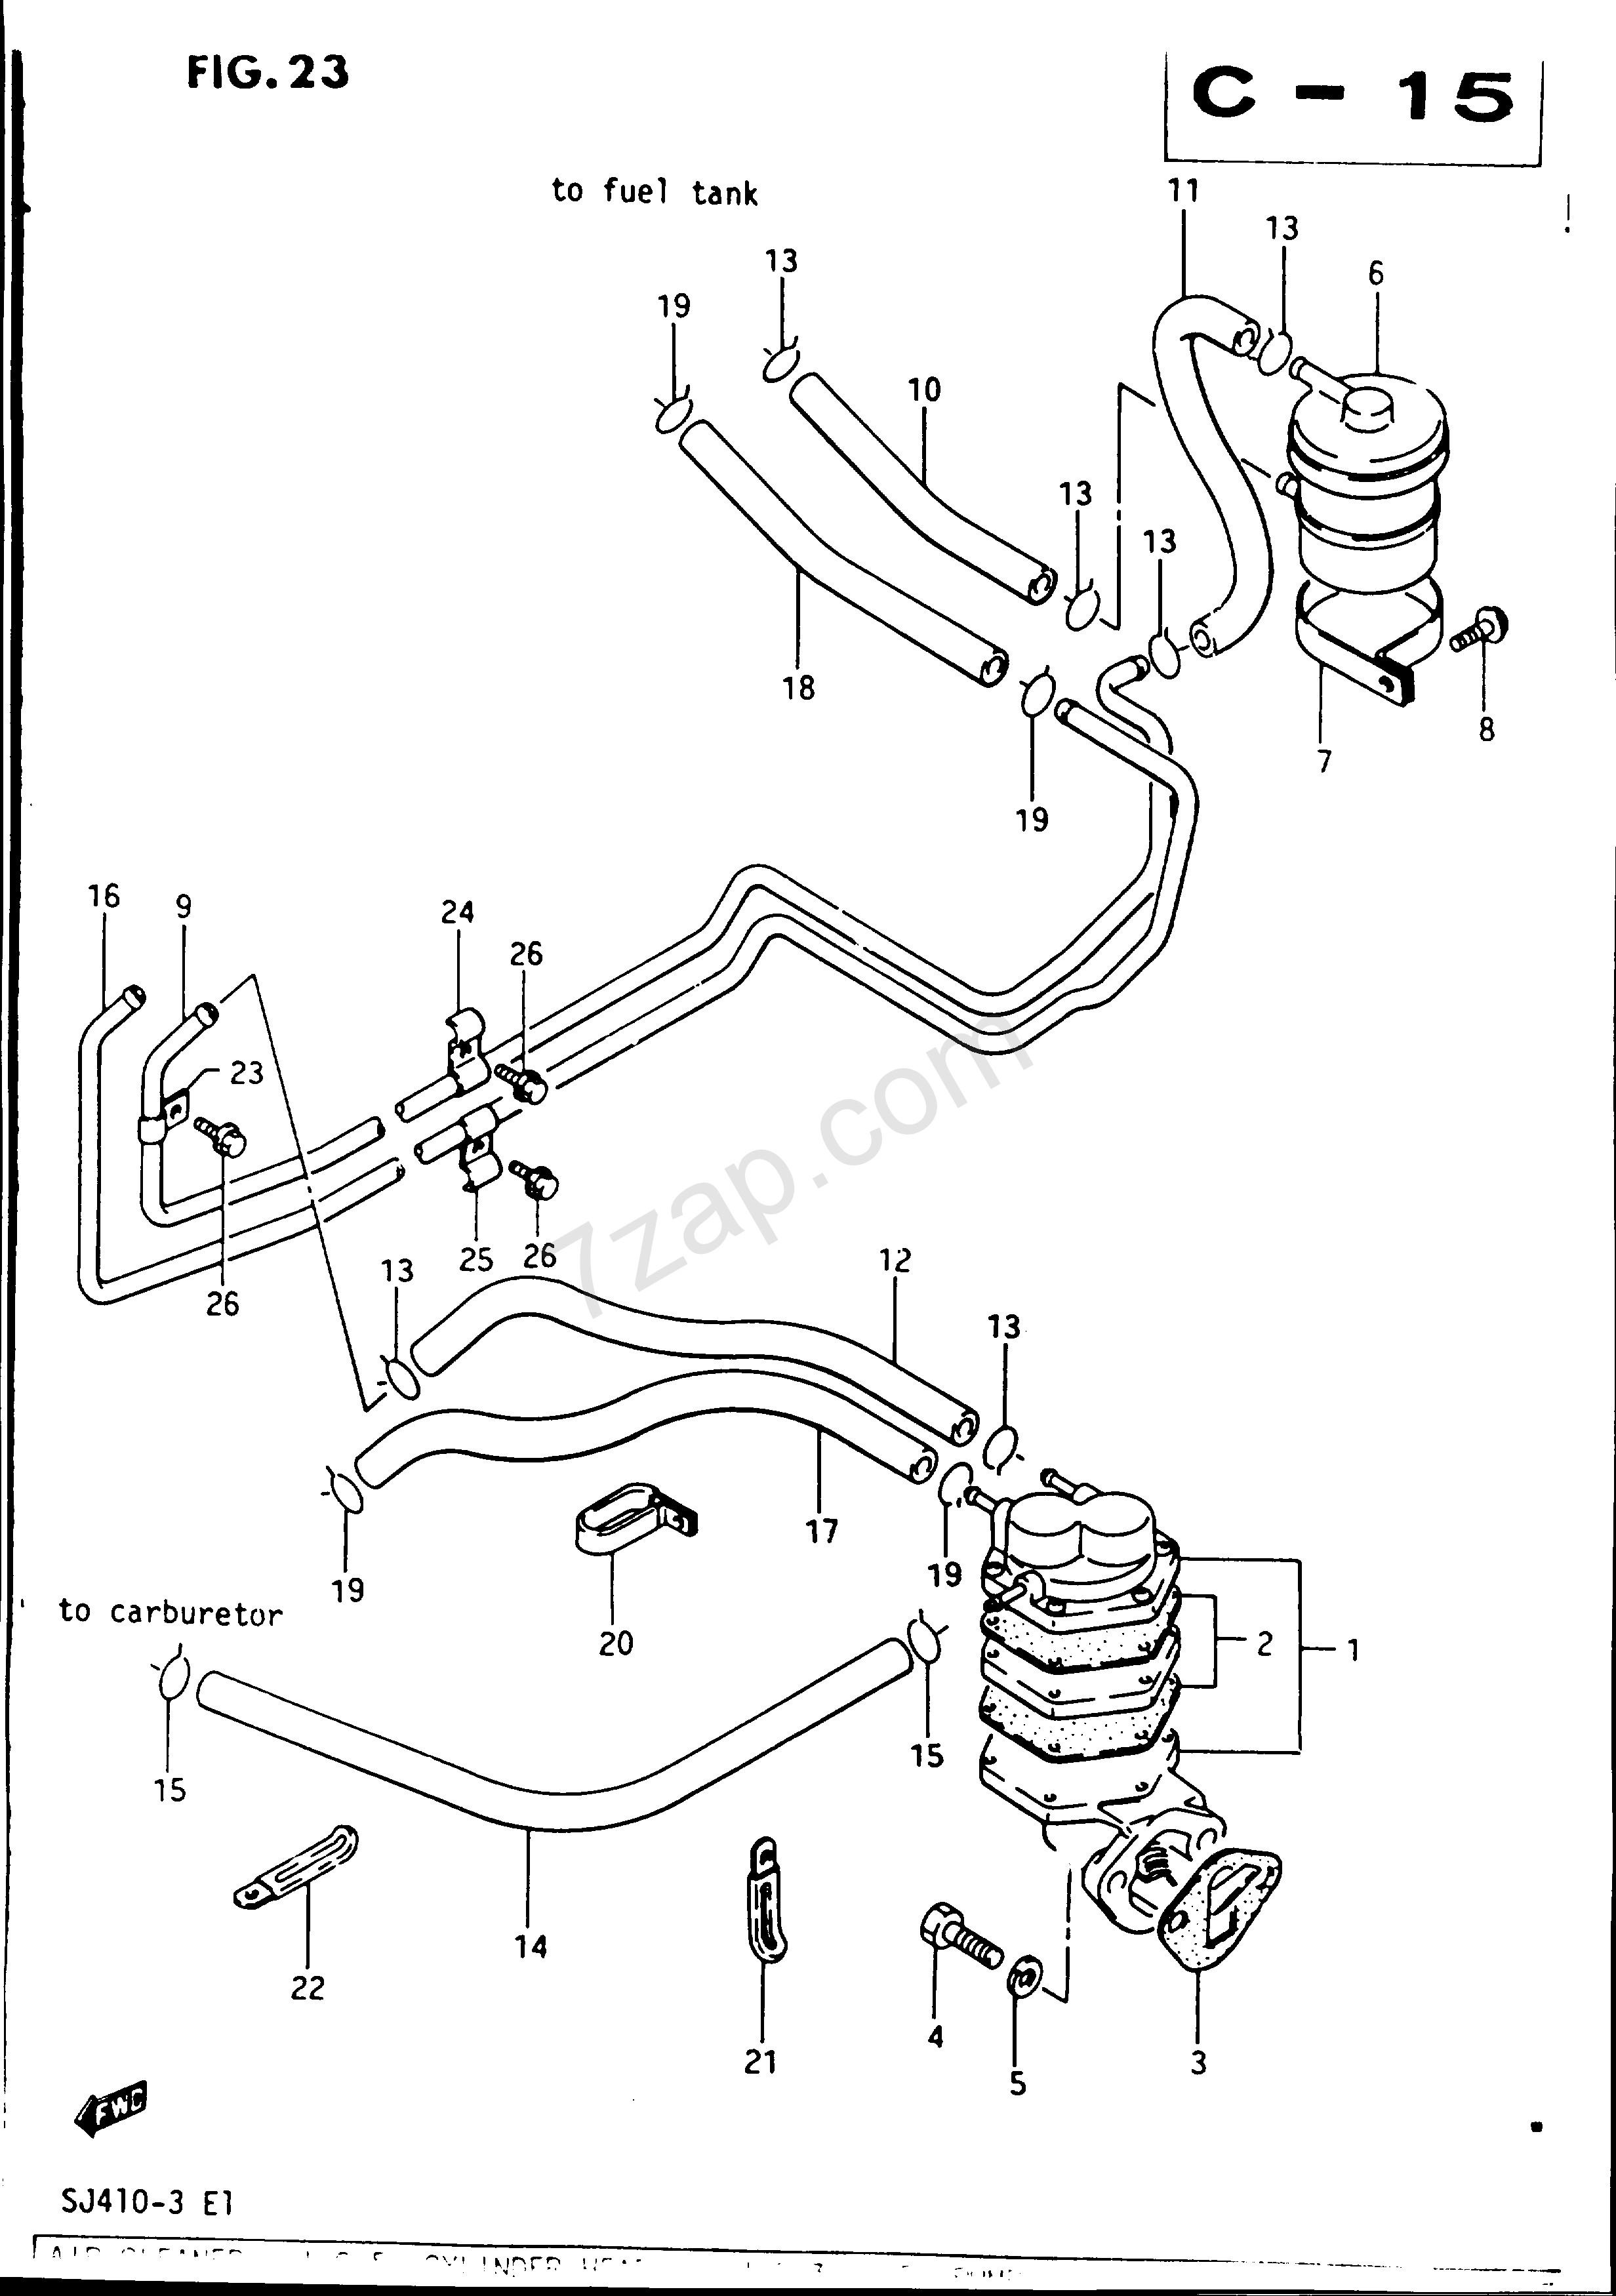 Diagram Of Car Fuel System Samurai Fuel Diagram Radio Wiring Diagram • Of Diagram Of Car Fuel System